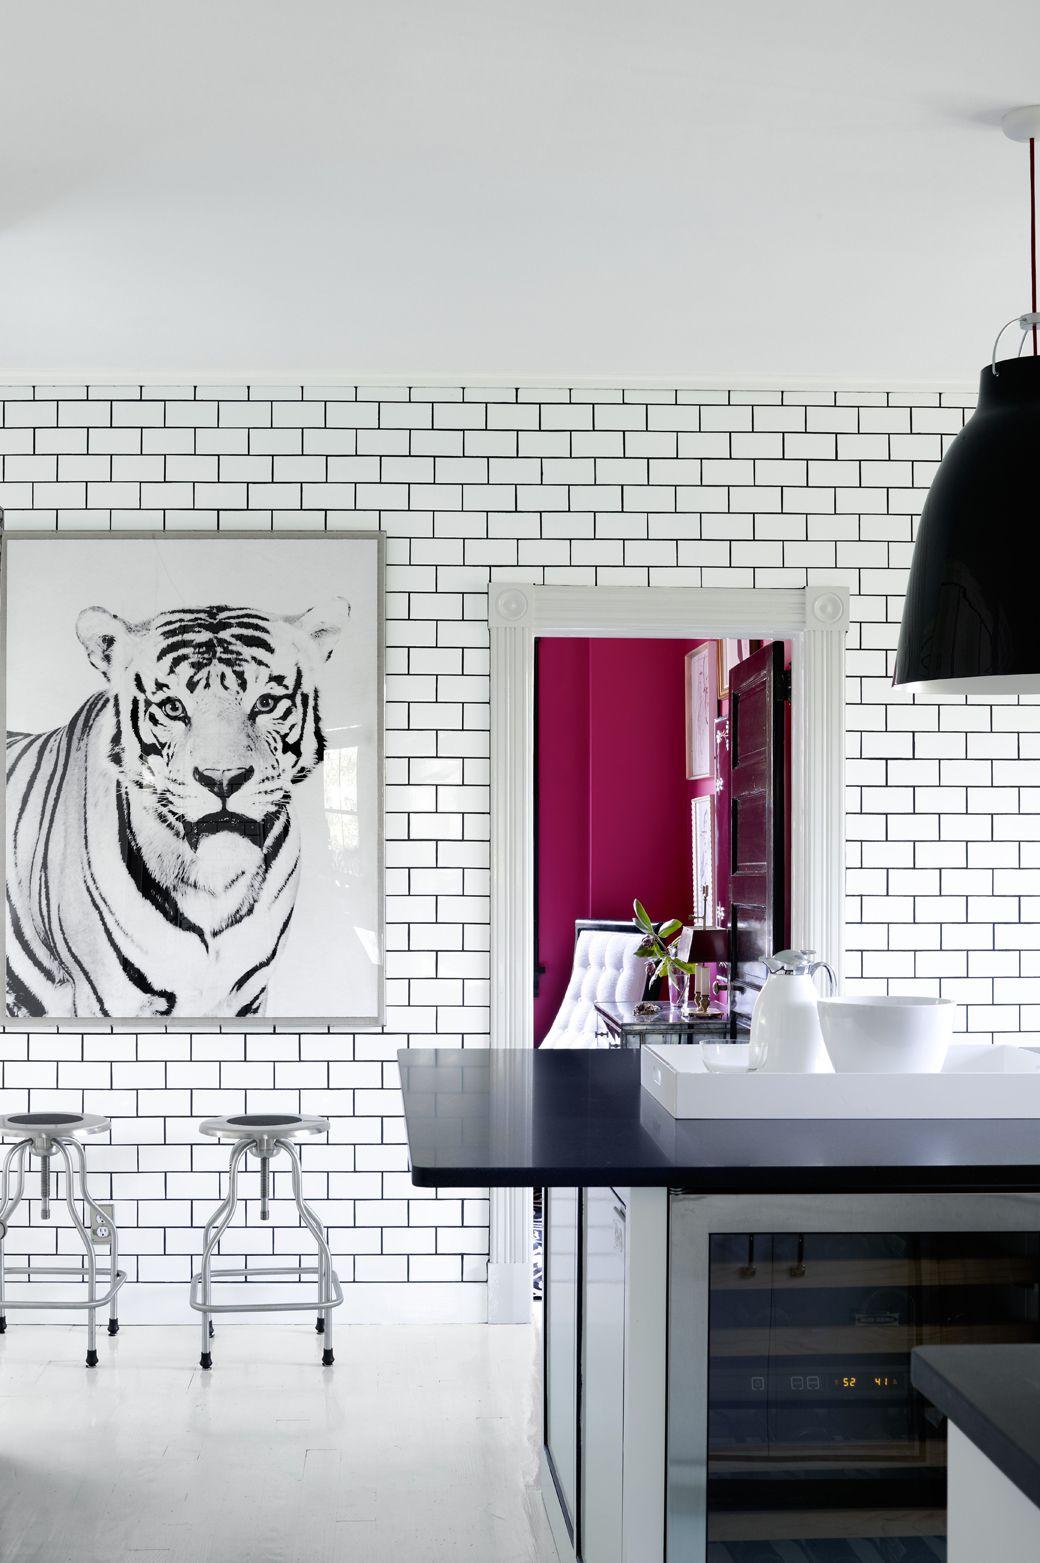 44 Striking Black White Room Ideas How To Use Black White